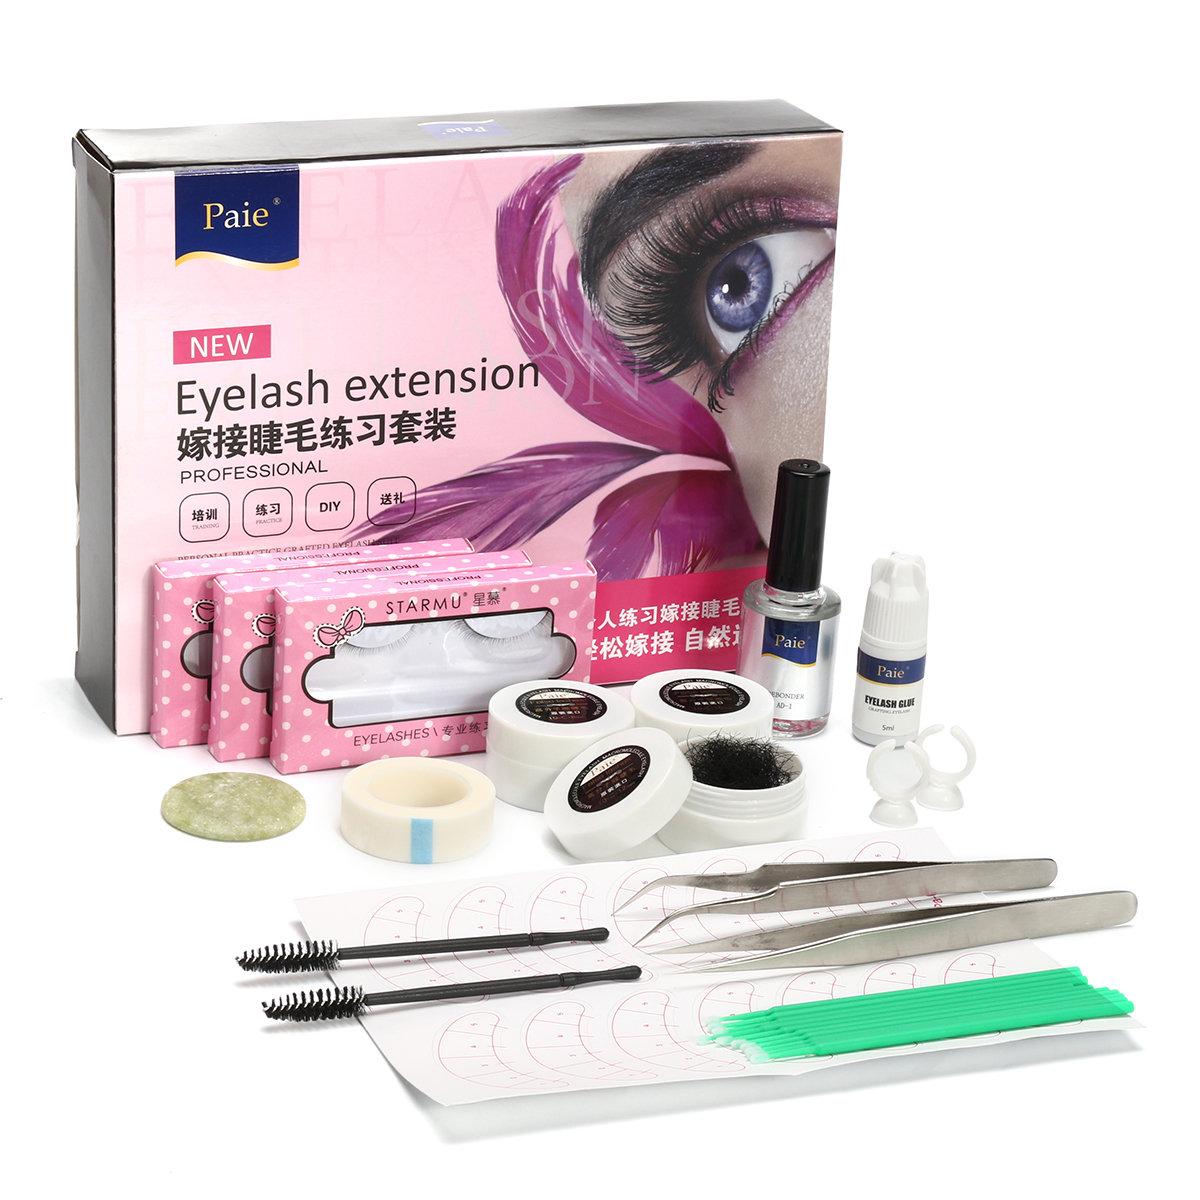 False Eyelashes Set Eyelash Planting Kit For Eyelash Curly Lengthening Eye Makeup Cosmetic